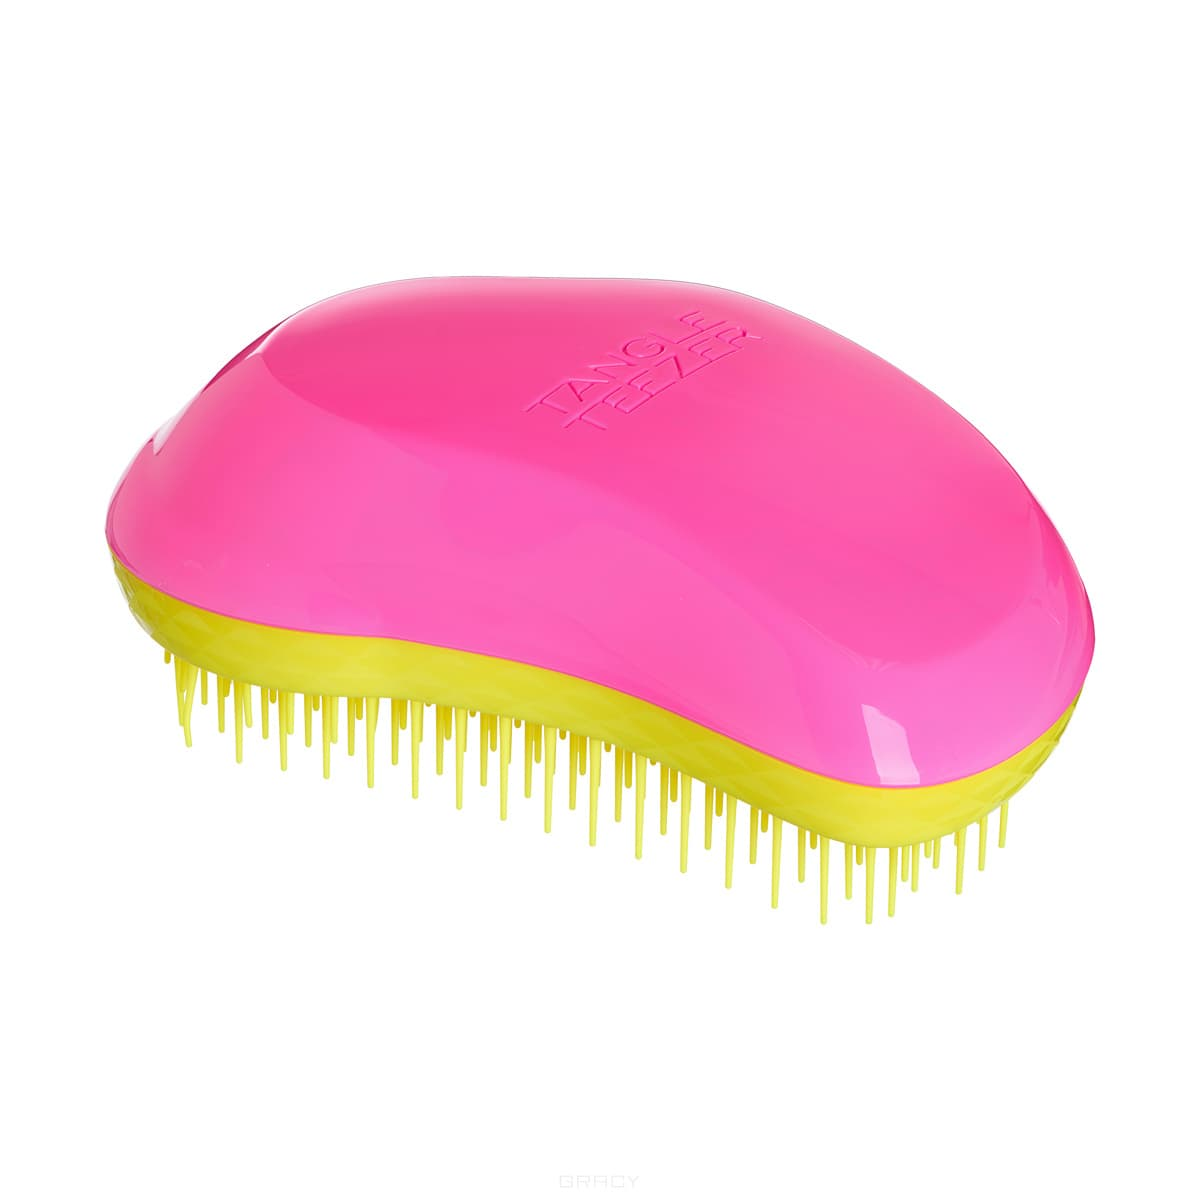 Tangle Teezer Расческа для волос The Original Pink Rebel расческа для волос the original pink rebel